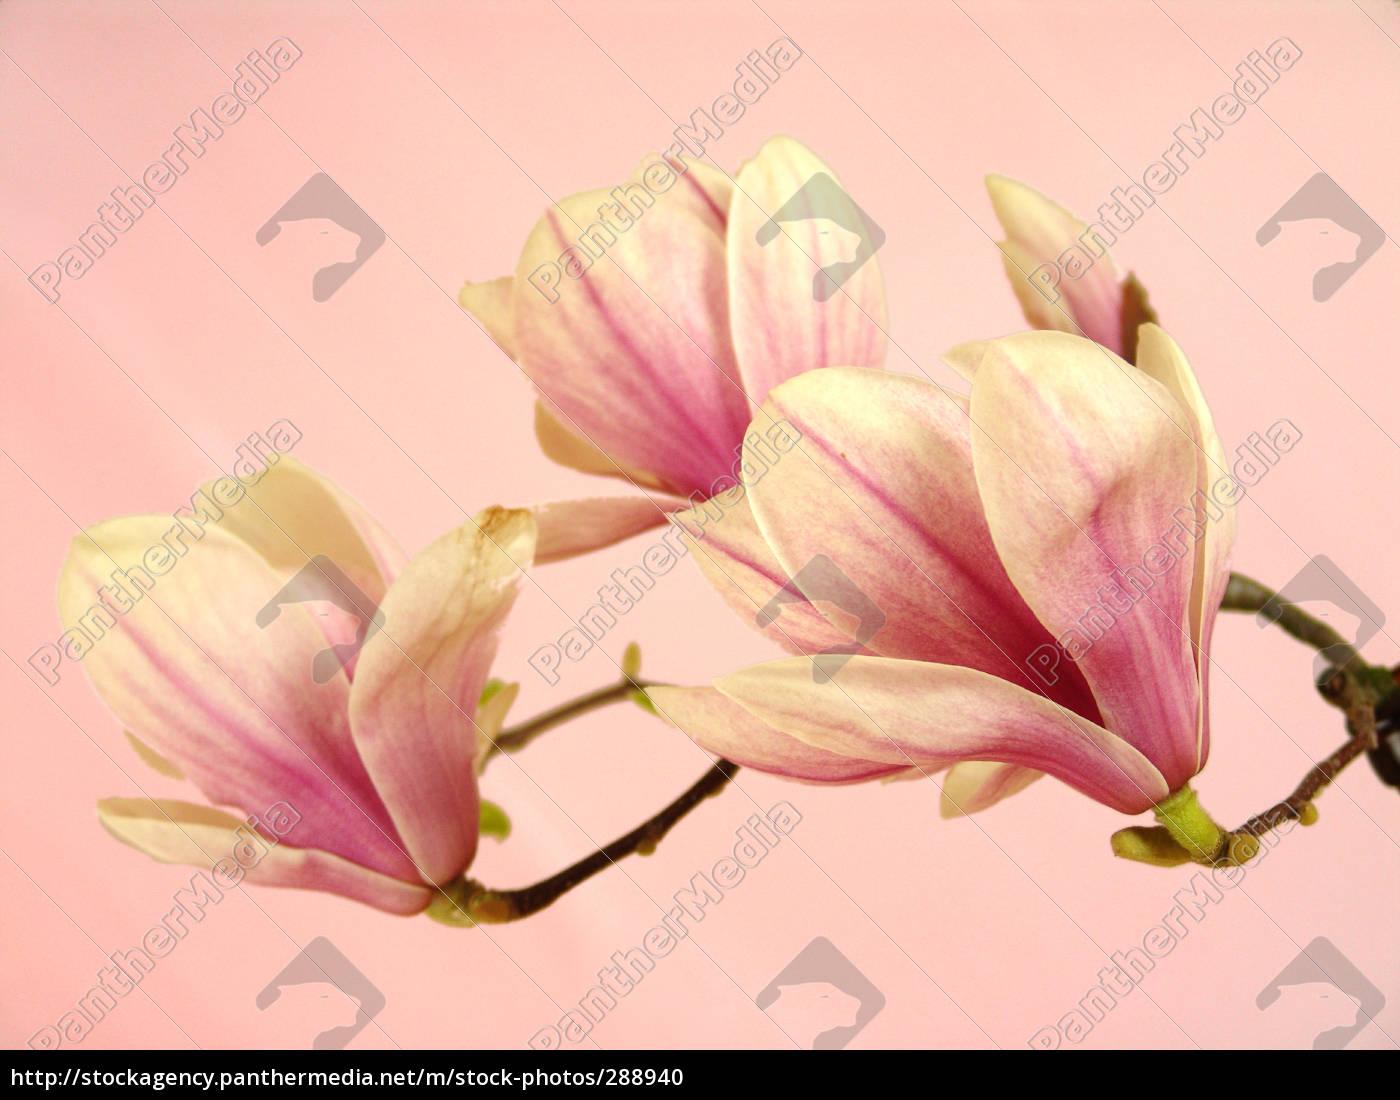 magnolia, blossoms - 288940